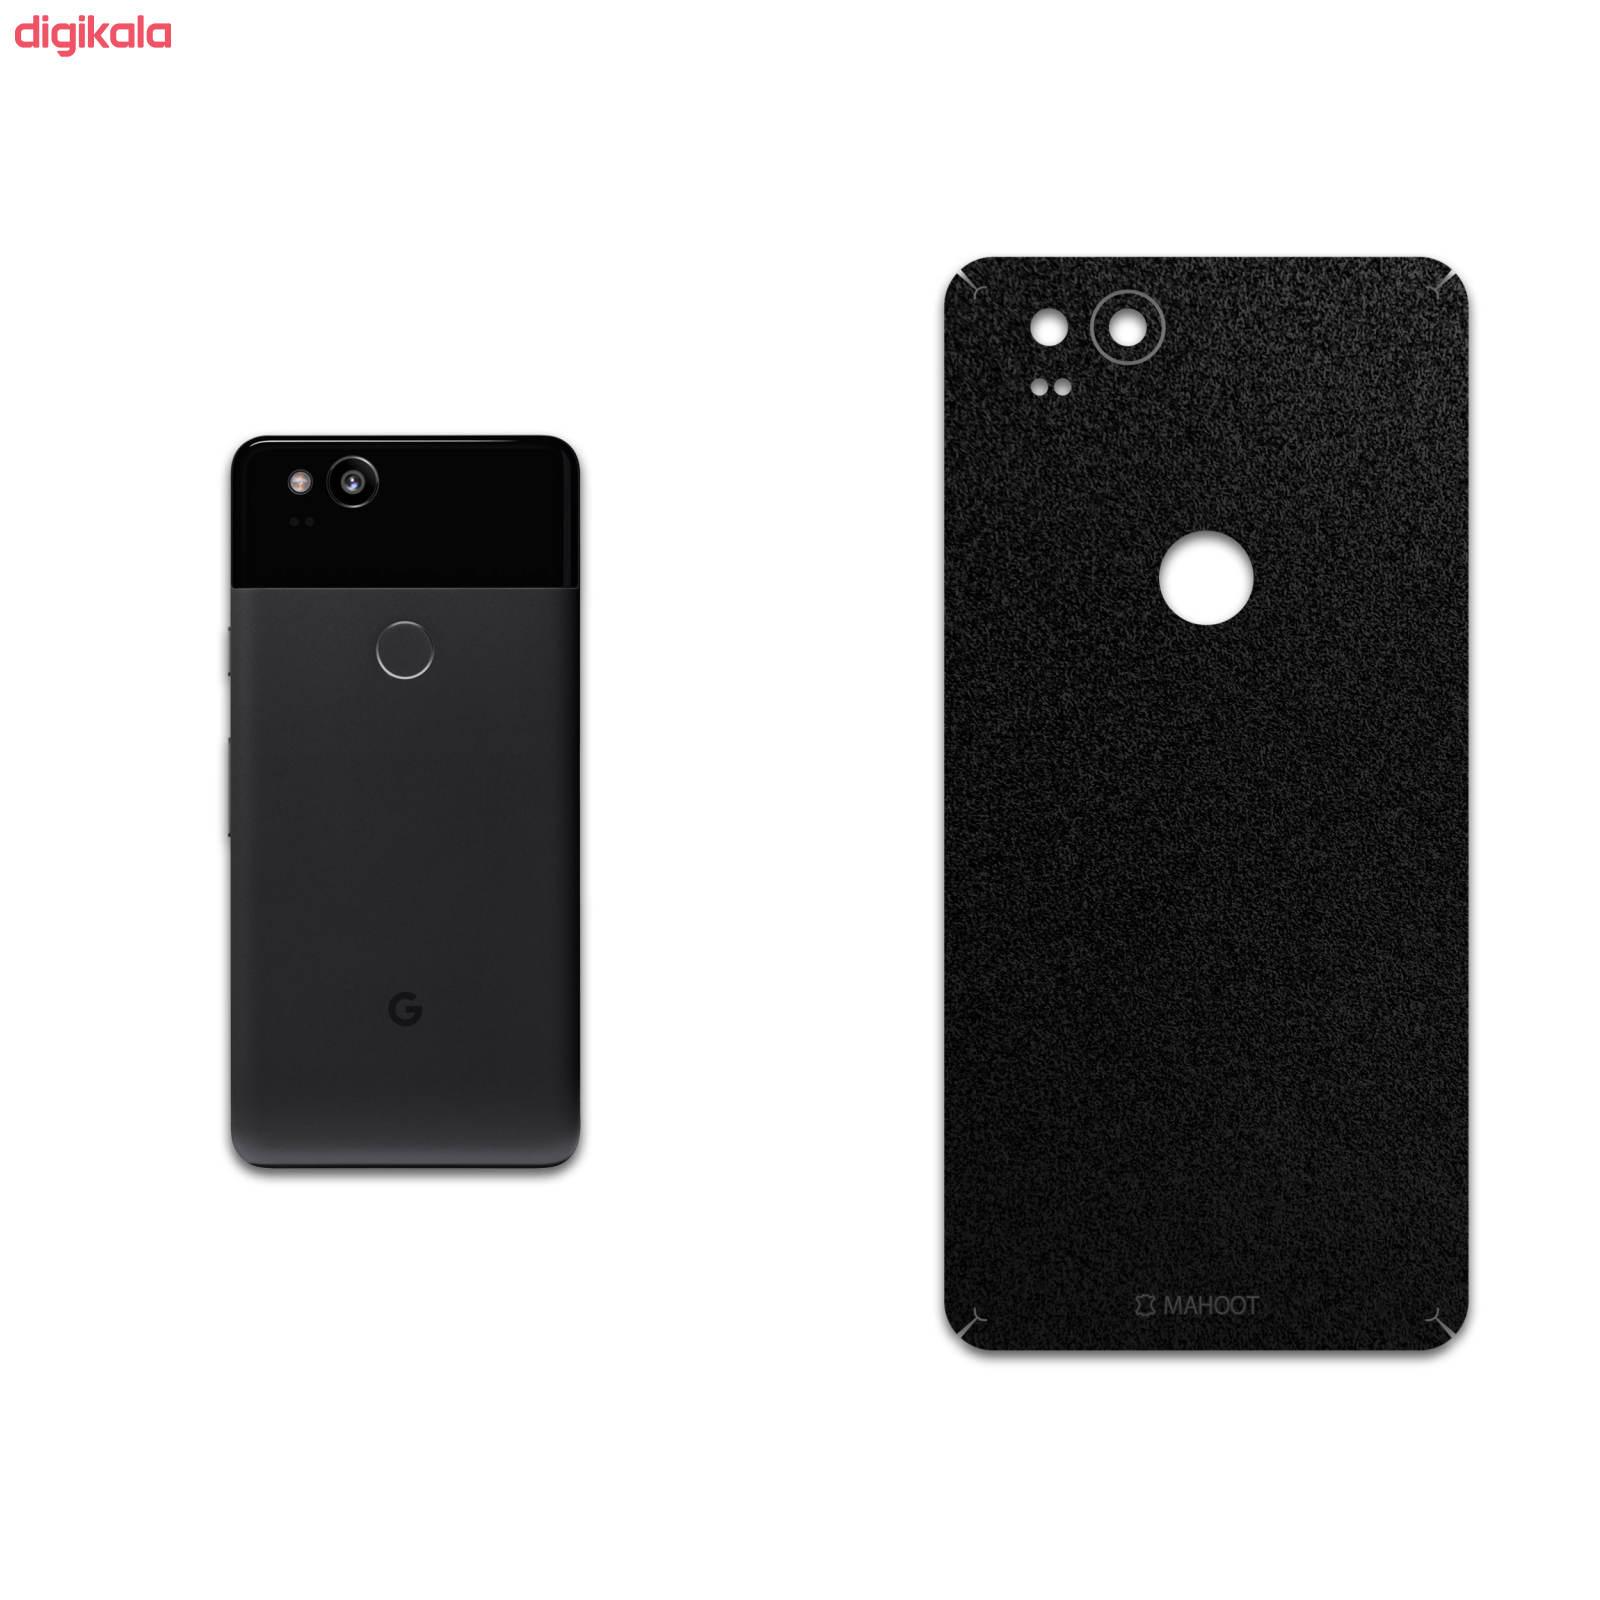 برچسب پوششی ماهوت مدل Black-Suede مناسب برای گوشی موبایل گوگل Pixel 2 main 1 1